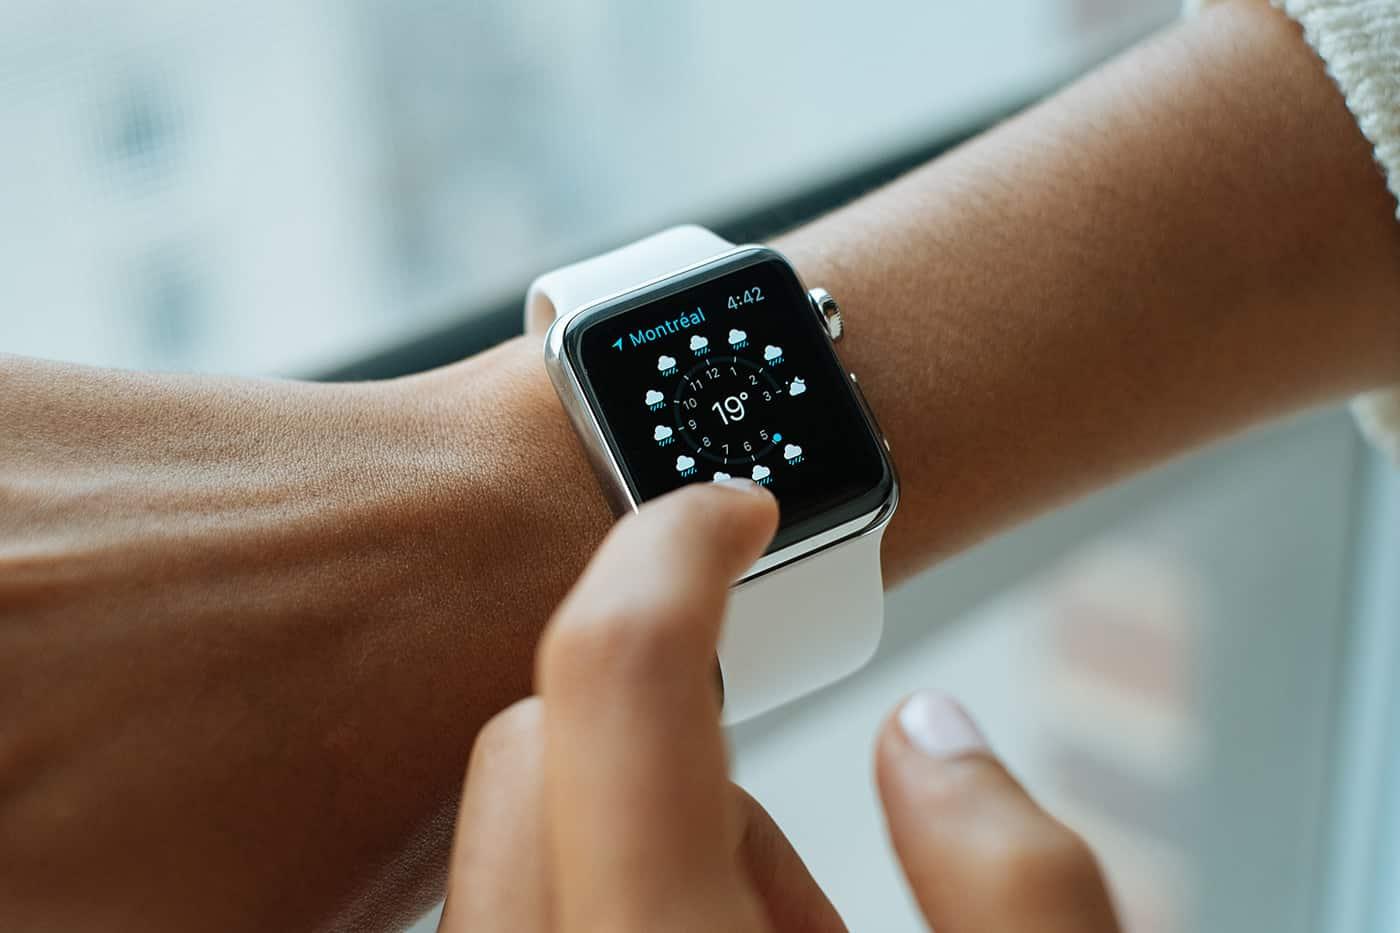 Des batteries pourraient être intégrées dans les bracelets pour les Apple Watch.